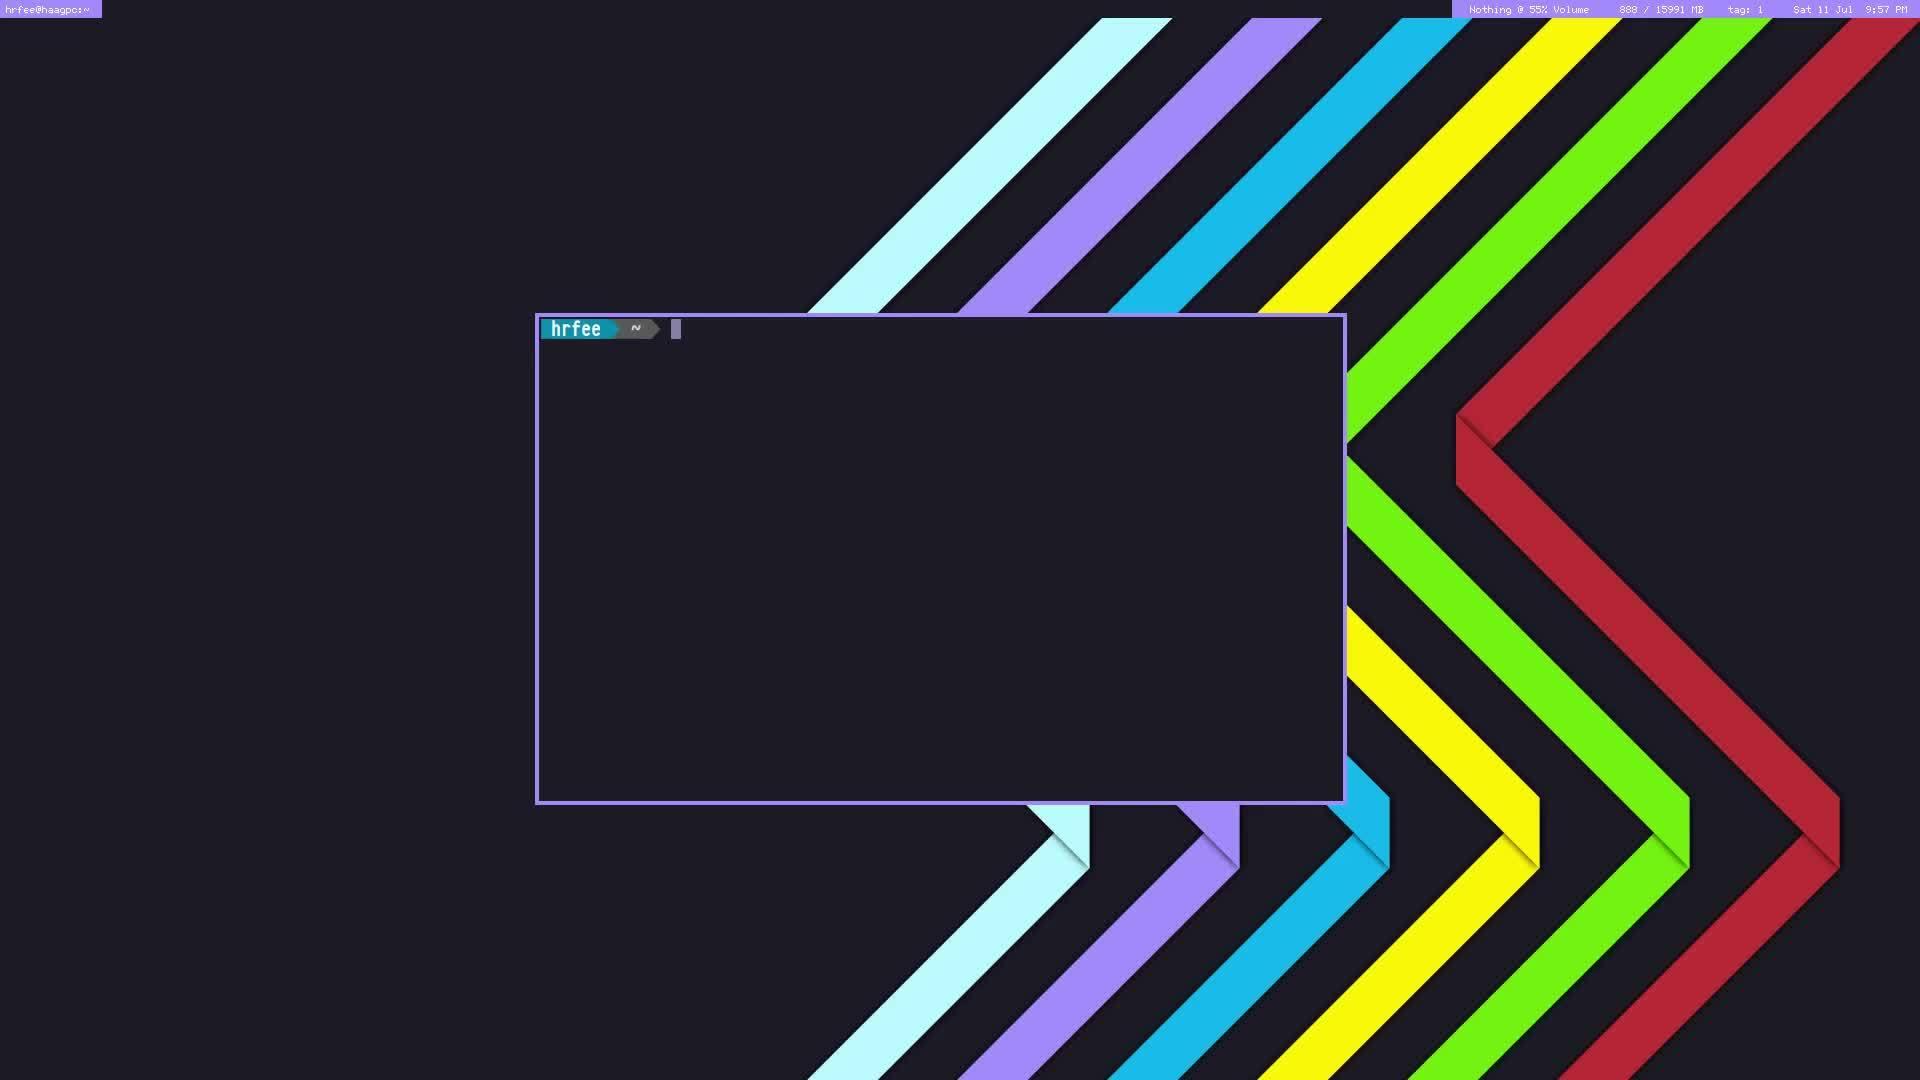 archlinux, linux, unixporn, themechooser GIFs